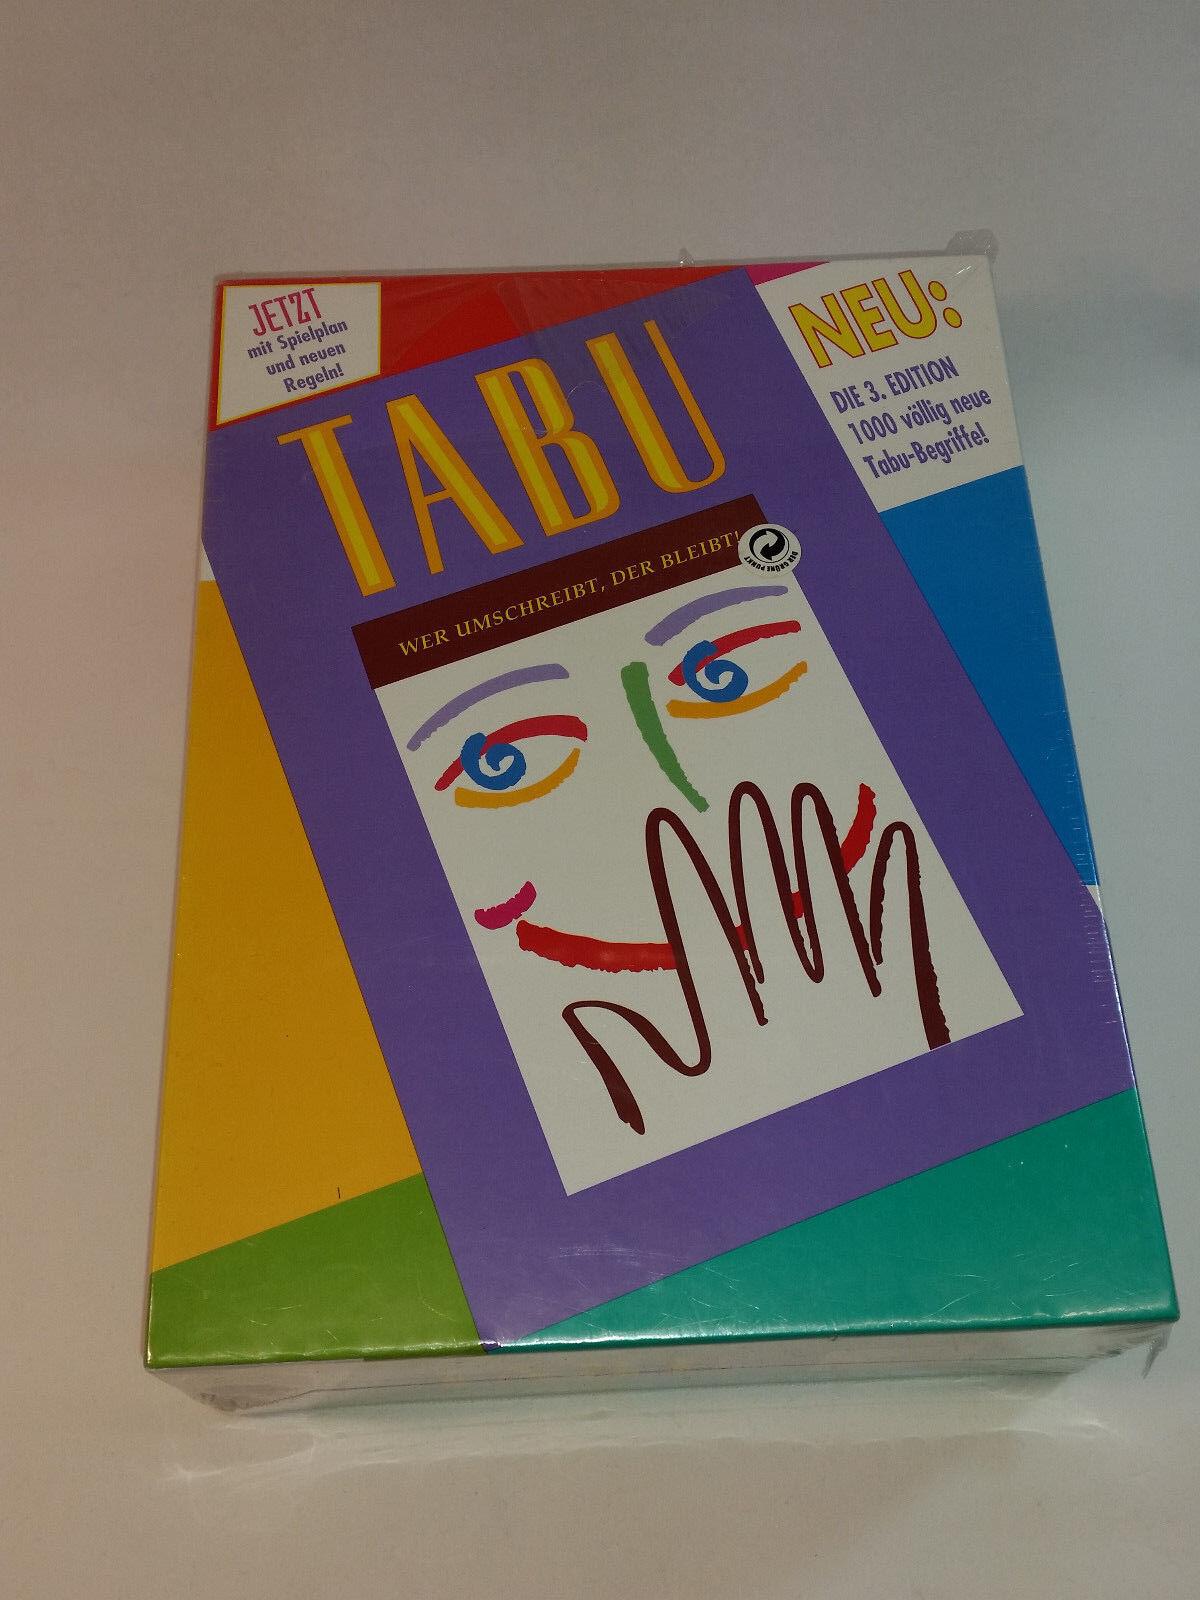 Tabu-la 3. Edition quién describe, el sigue siendo  - salida nuevo lámina